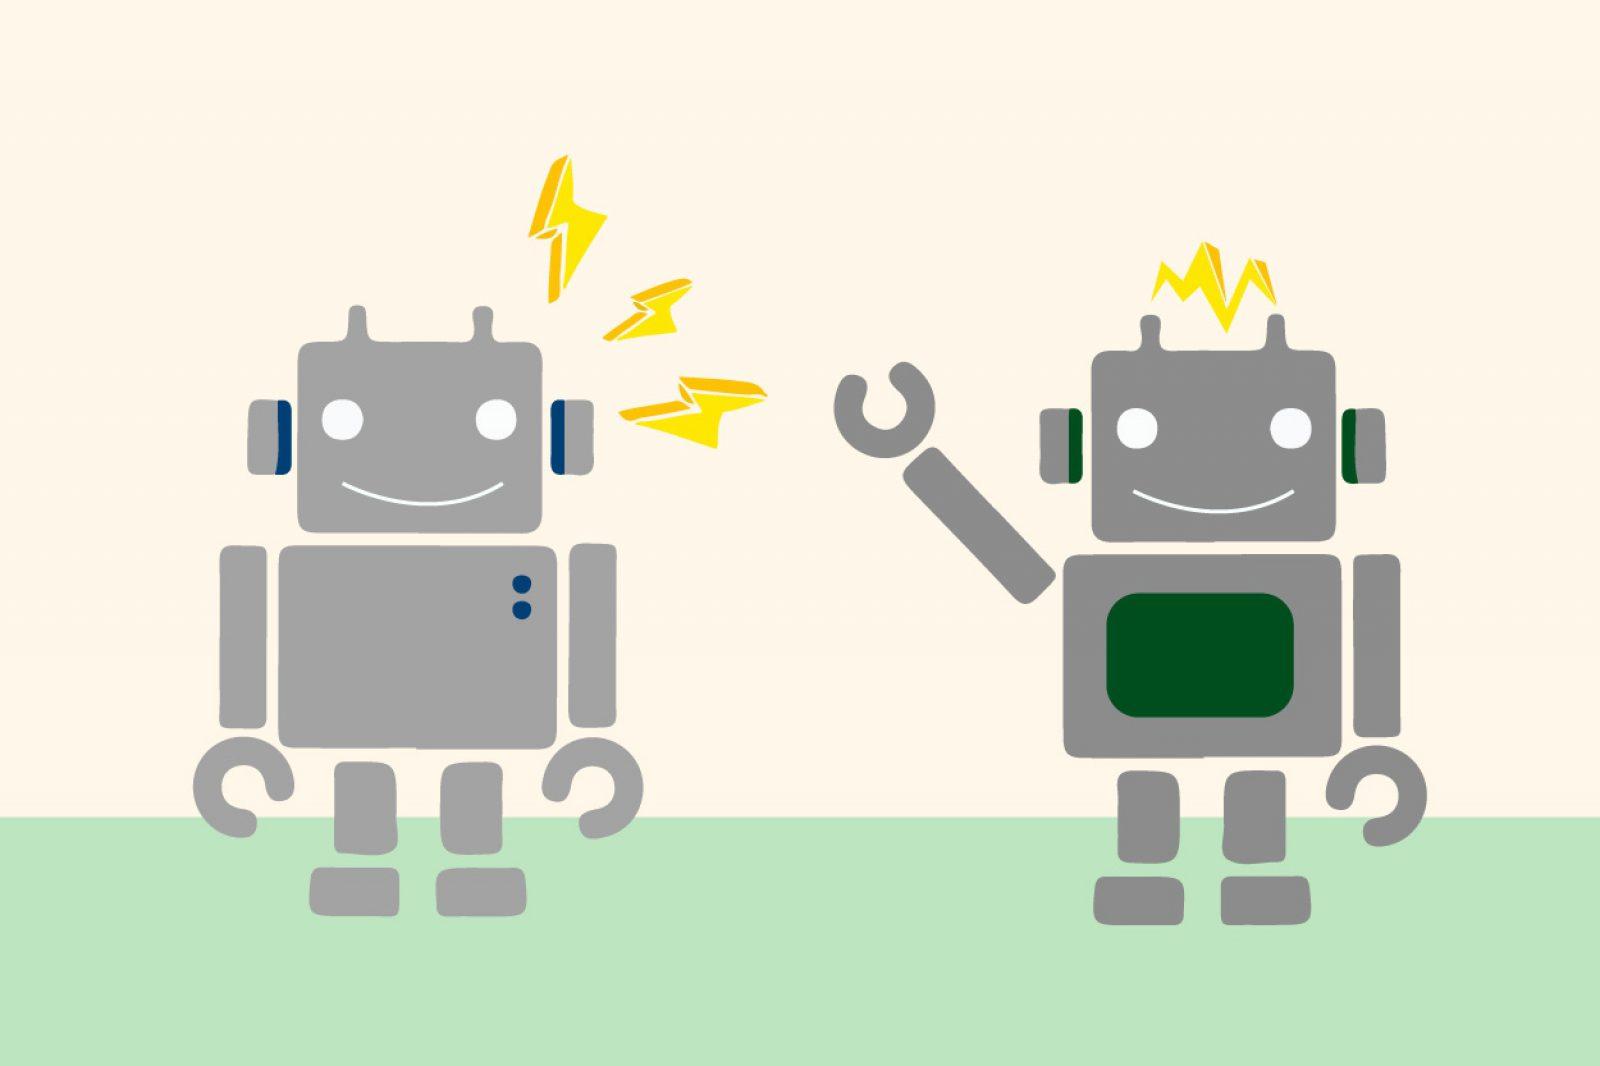 De_klant_is_een_robot